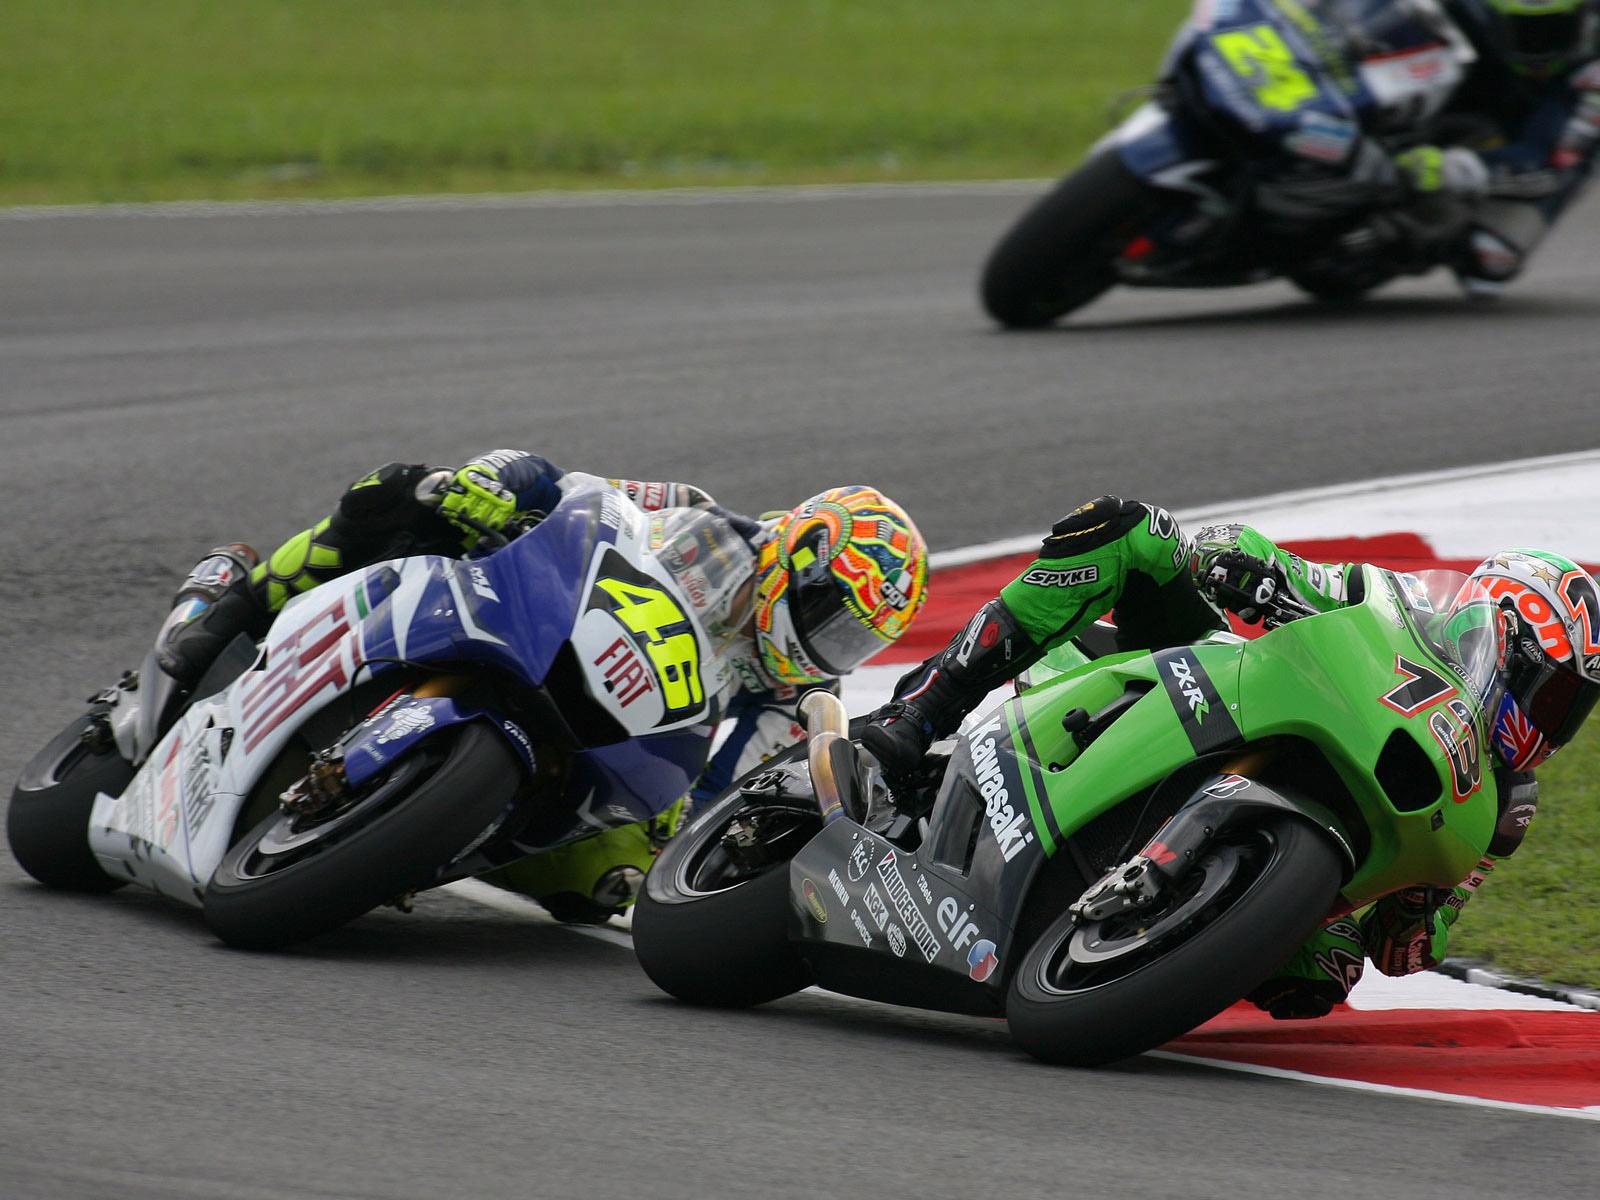 Download HQ turn MotoGP Wallpaper Num 26 1600 x 1200 3916 Kb 1600x1200